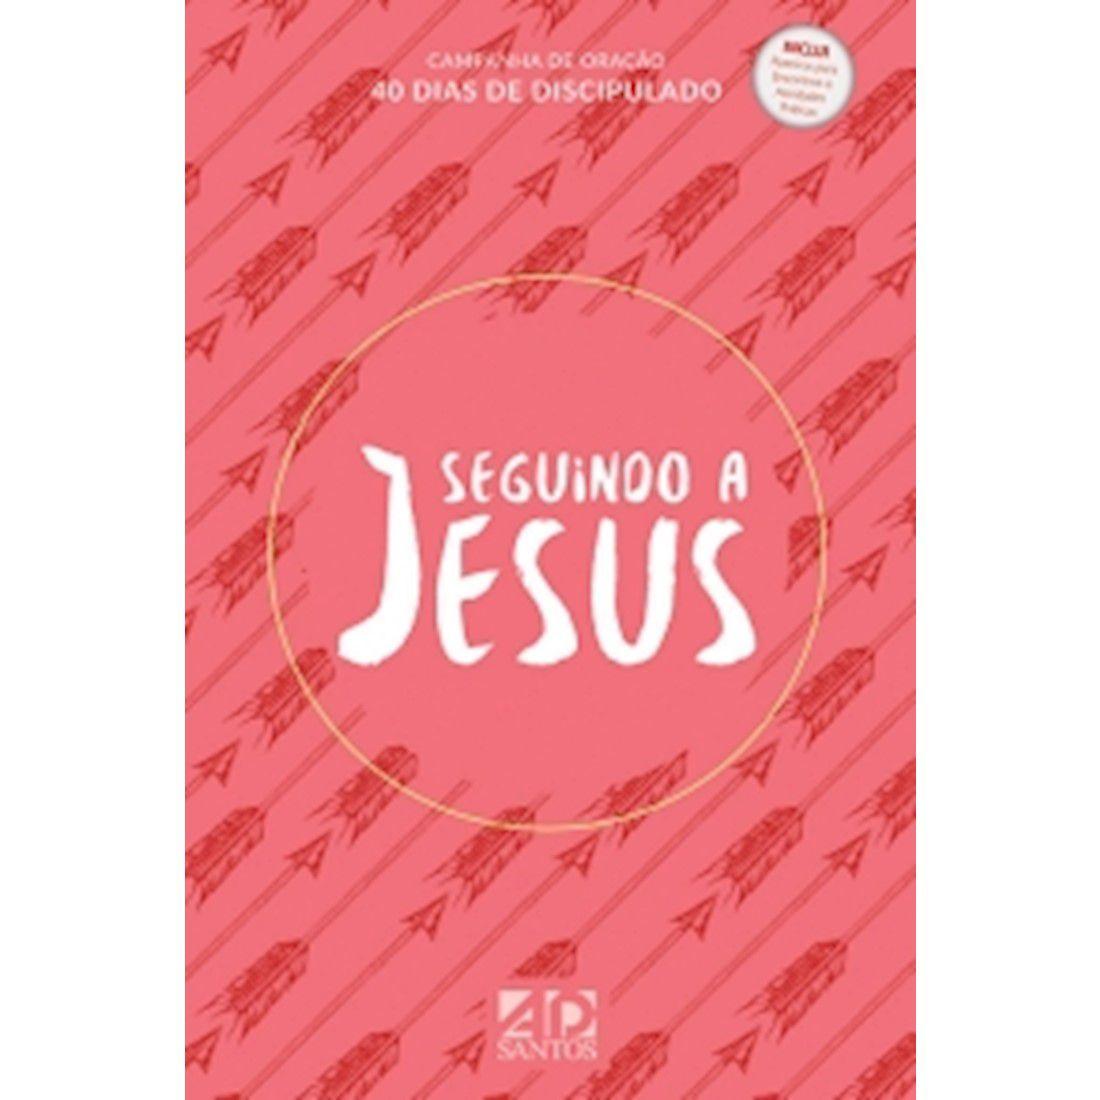 Livro Seguindo a Jesus - Capa Vermelha